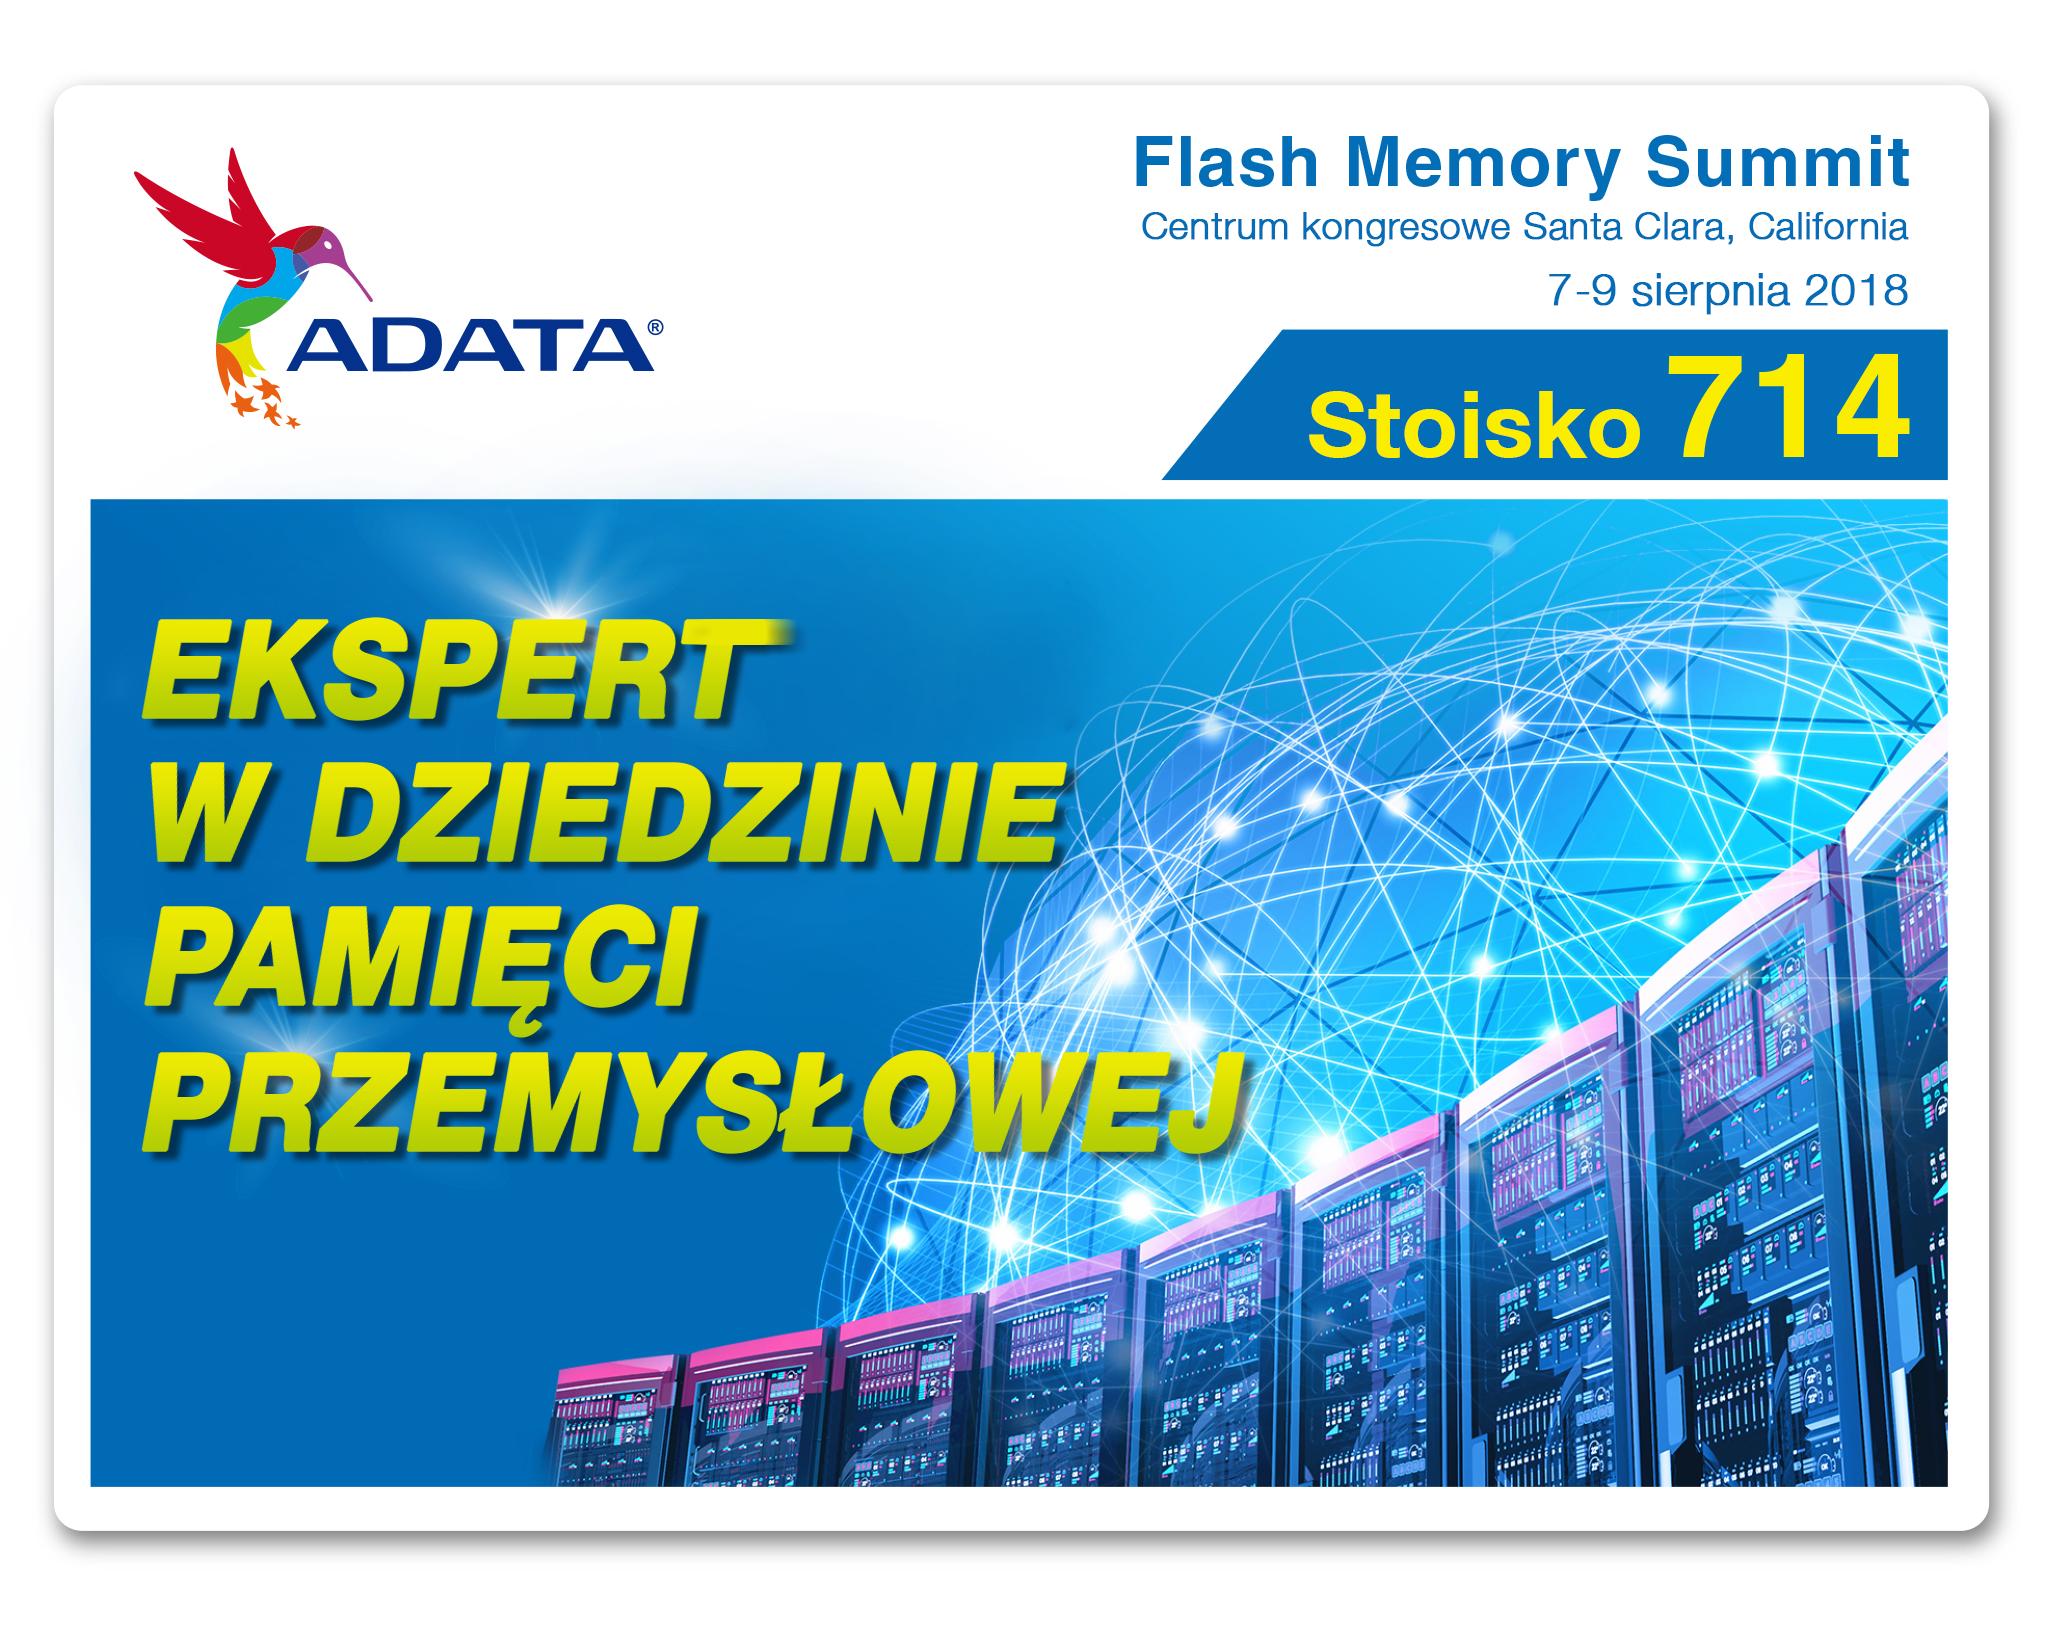 Flash Memory Summit 2018 – najnowsze rozwiązania przemysłowe i komercyjne od ADATA - inf. prasowa